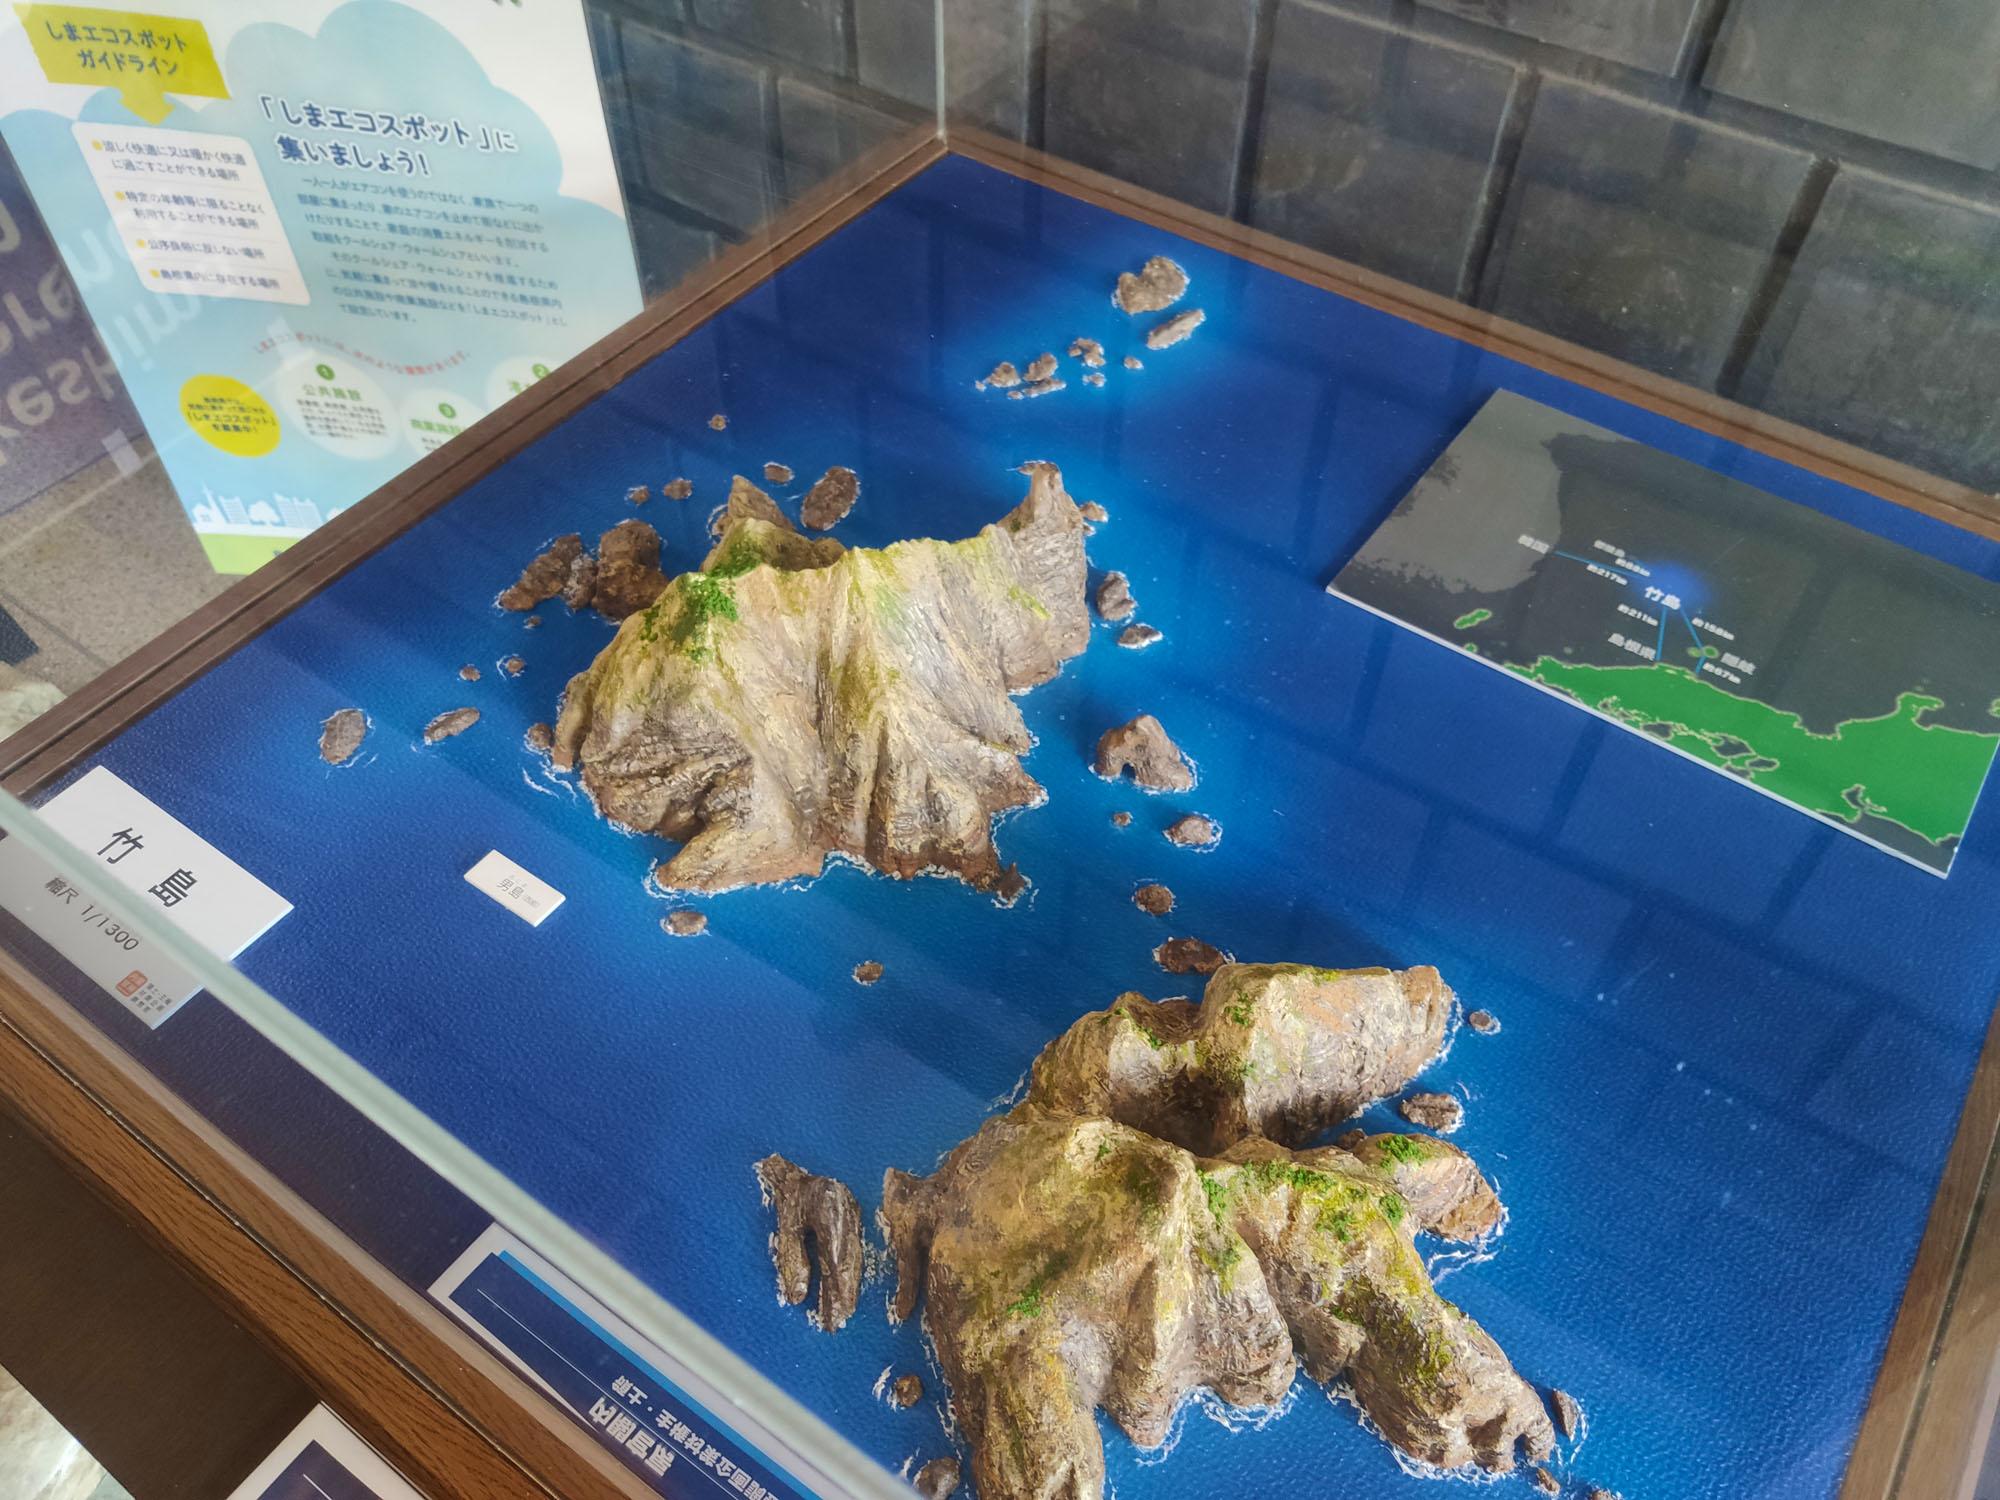 島根県松江の竹島資料室の竹島の模型